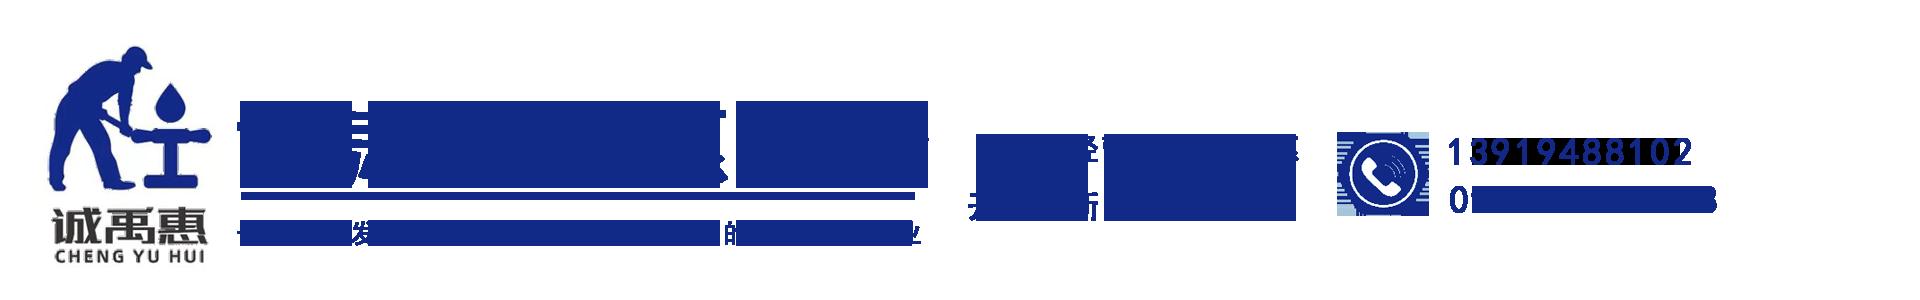 甘肃诚禹惠物资有限公司